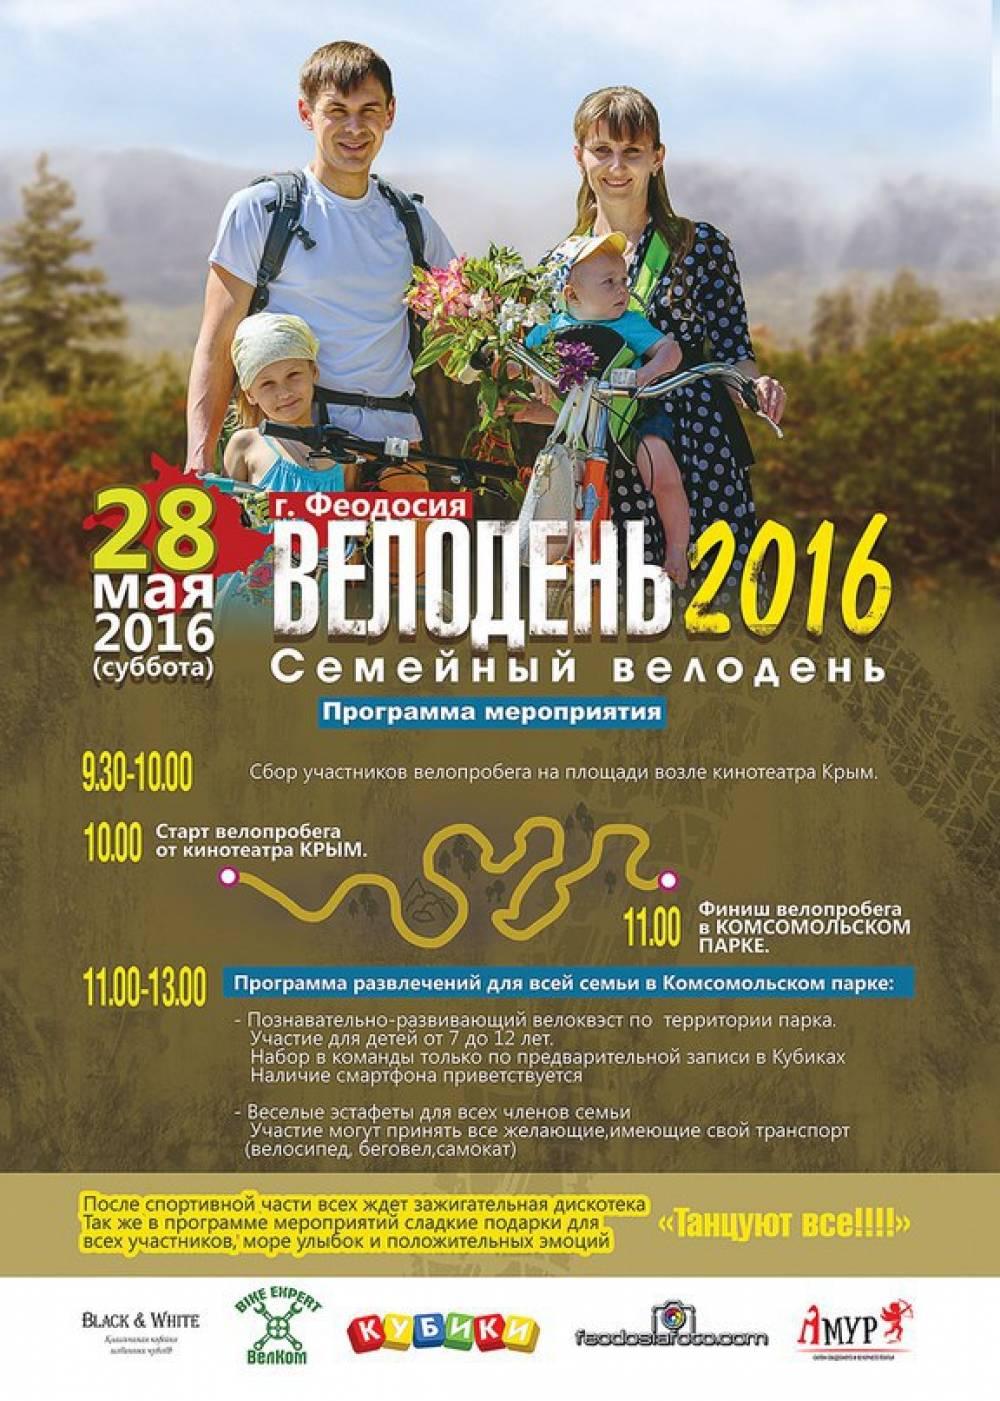 Феодосийцев приглашают на семейный велоквест